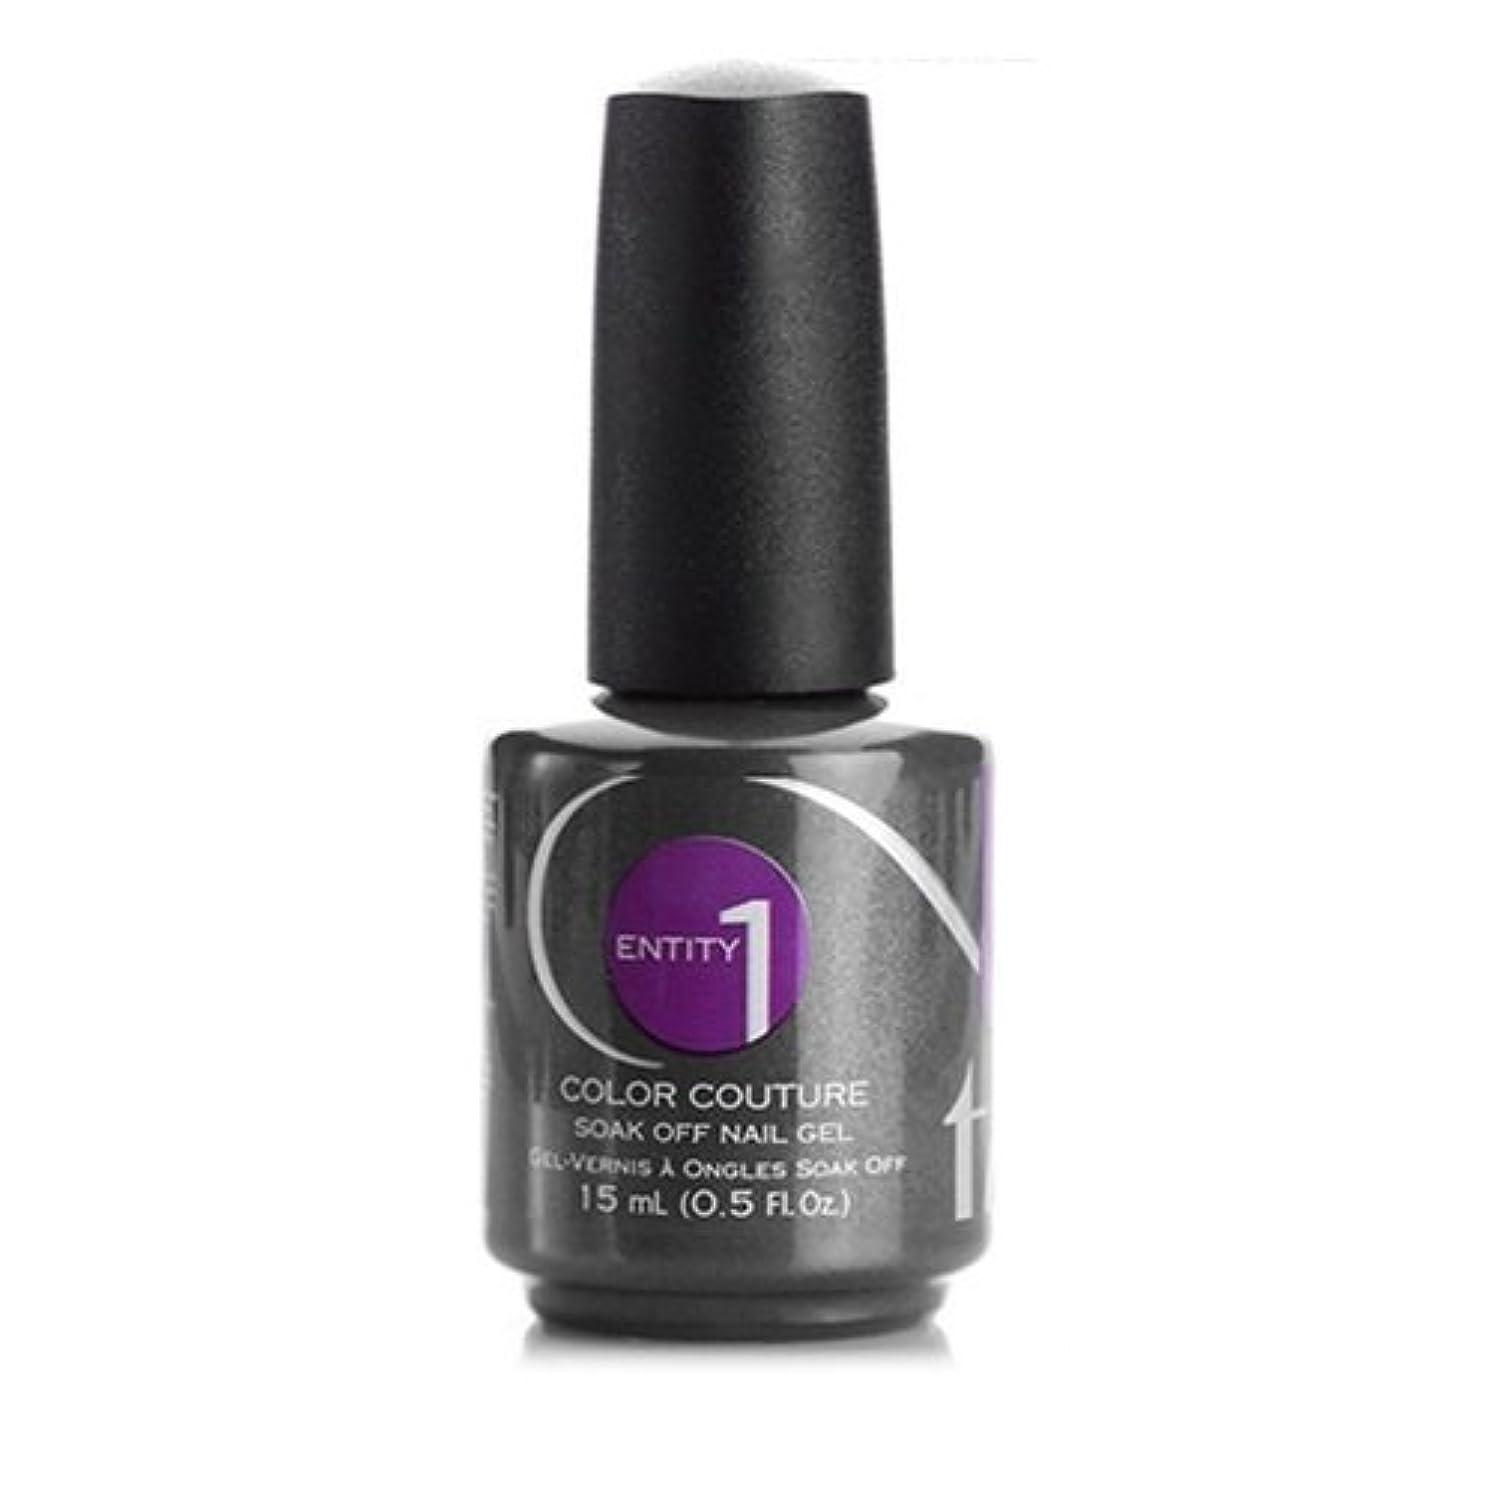 敬意を表する退屈な命令的Entity One Color Couture Gel Polish - Make Color, Not War - 0.5oz / 15ml